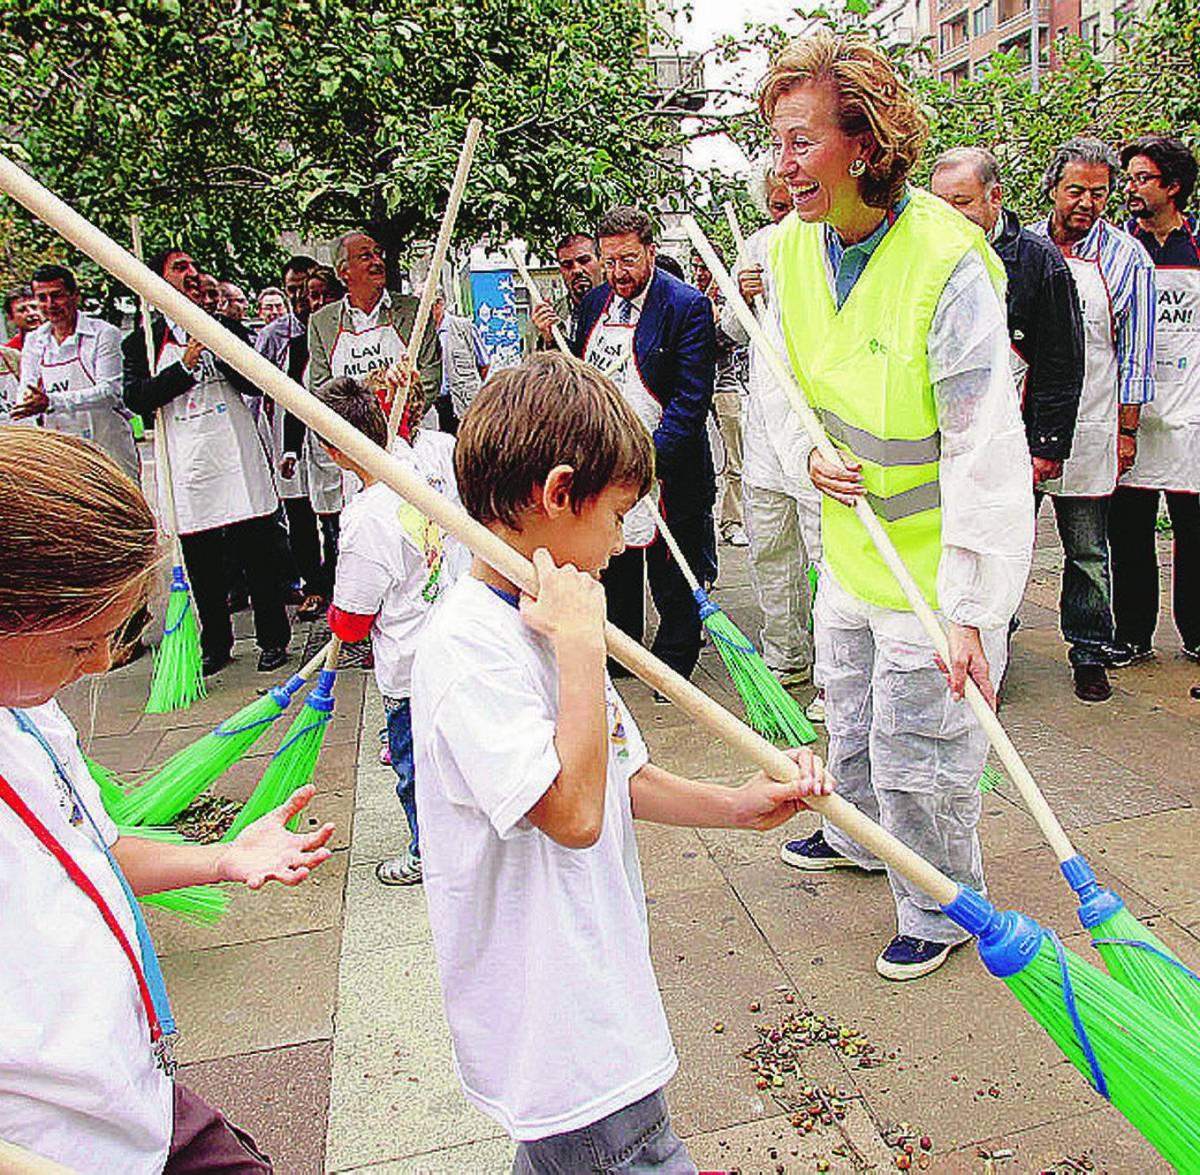 Il sindaco a caccia di volontari: «Aiutateci a cancellare i graffiti»